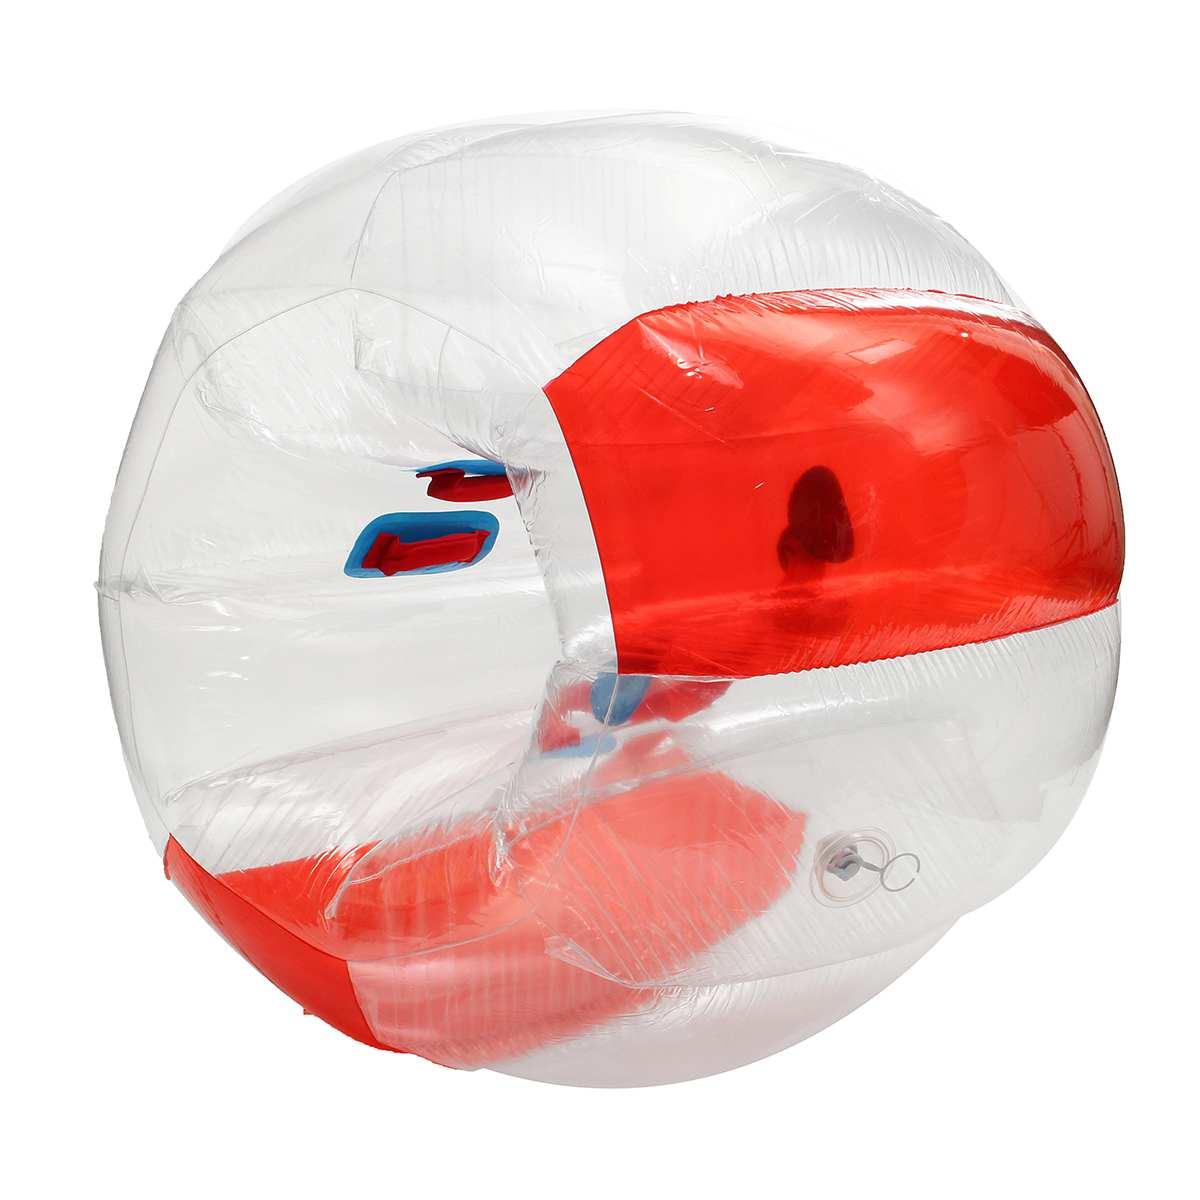 Bubble Voetbal Zorb Bal 120CM Bumper Bal Opblaasbare Body Zorb Bubble Bal Voetbal Kids Outdoor Speelgoed Kerstcadeau - 4